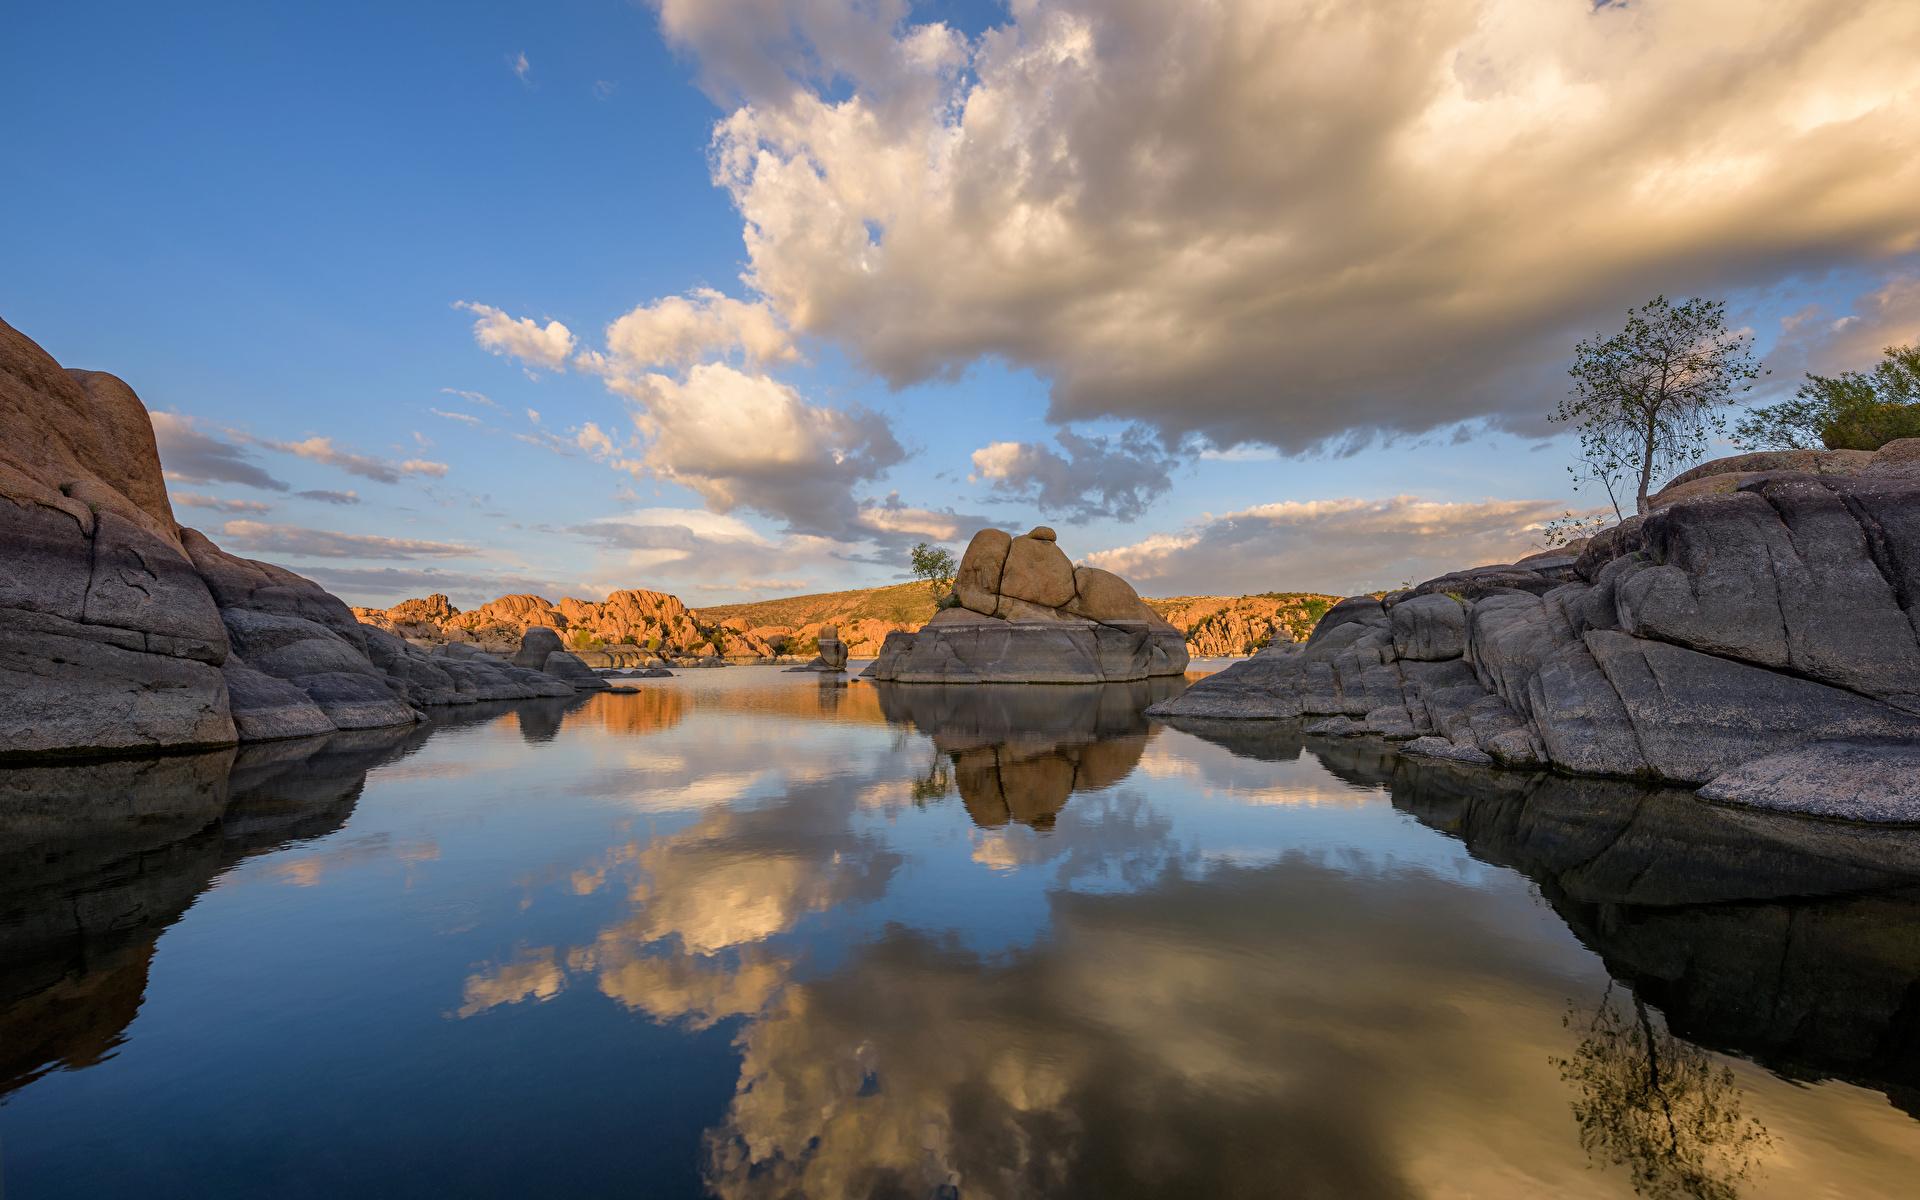 壁紙 19x10 アメリカ合衆国 湖 Watson Lake Prescott Arizona 岩 雲 倒影 自然 ダウンロード 写真